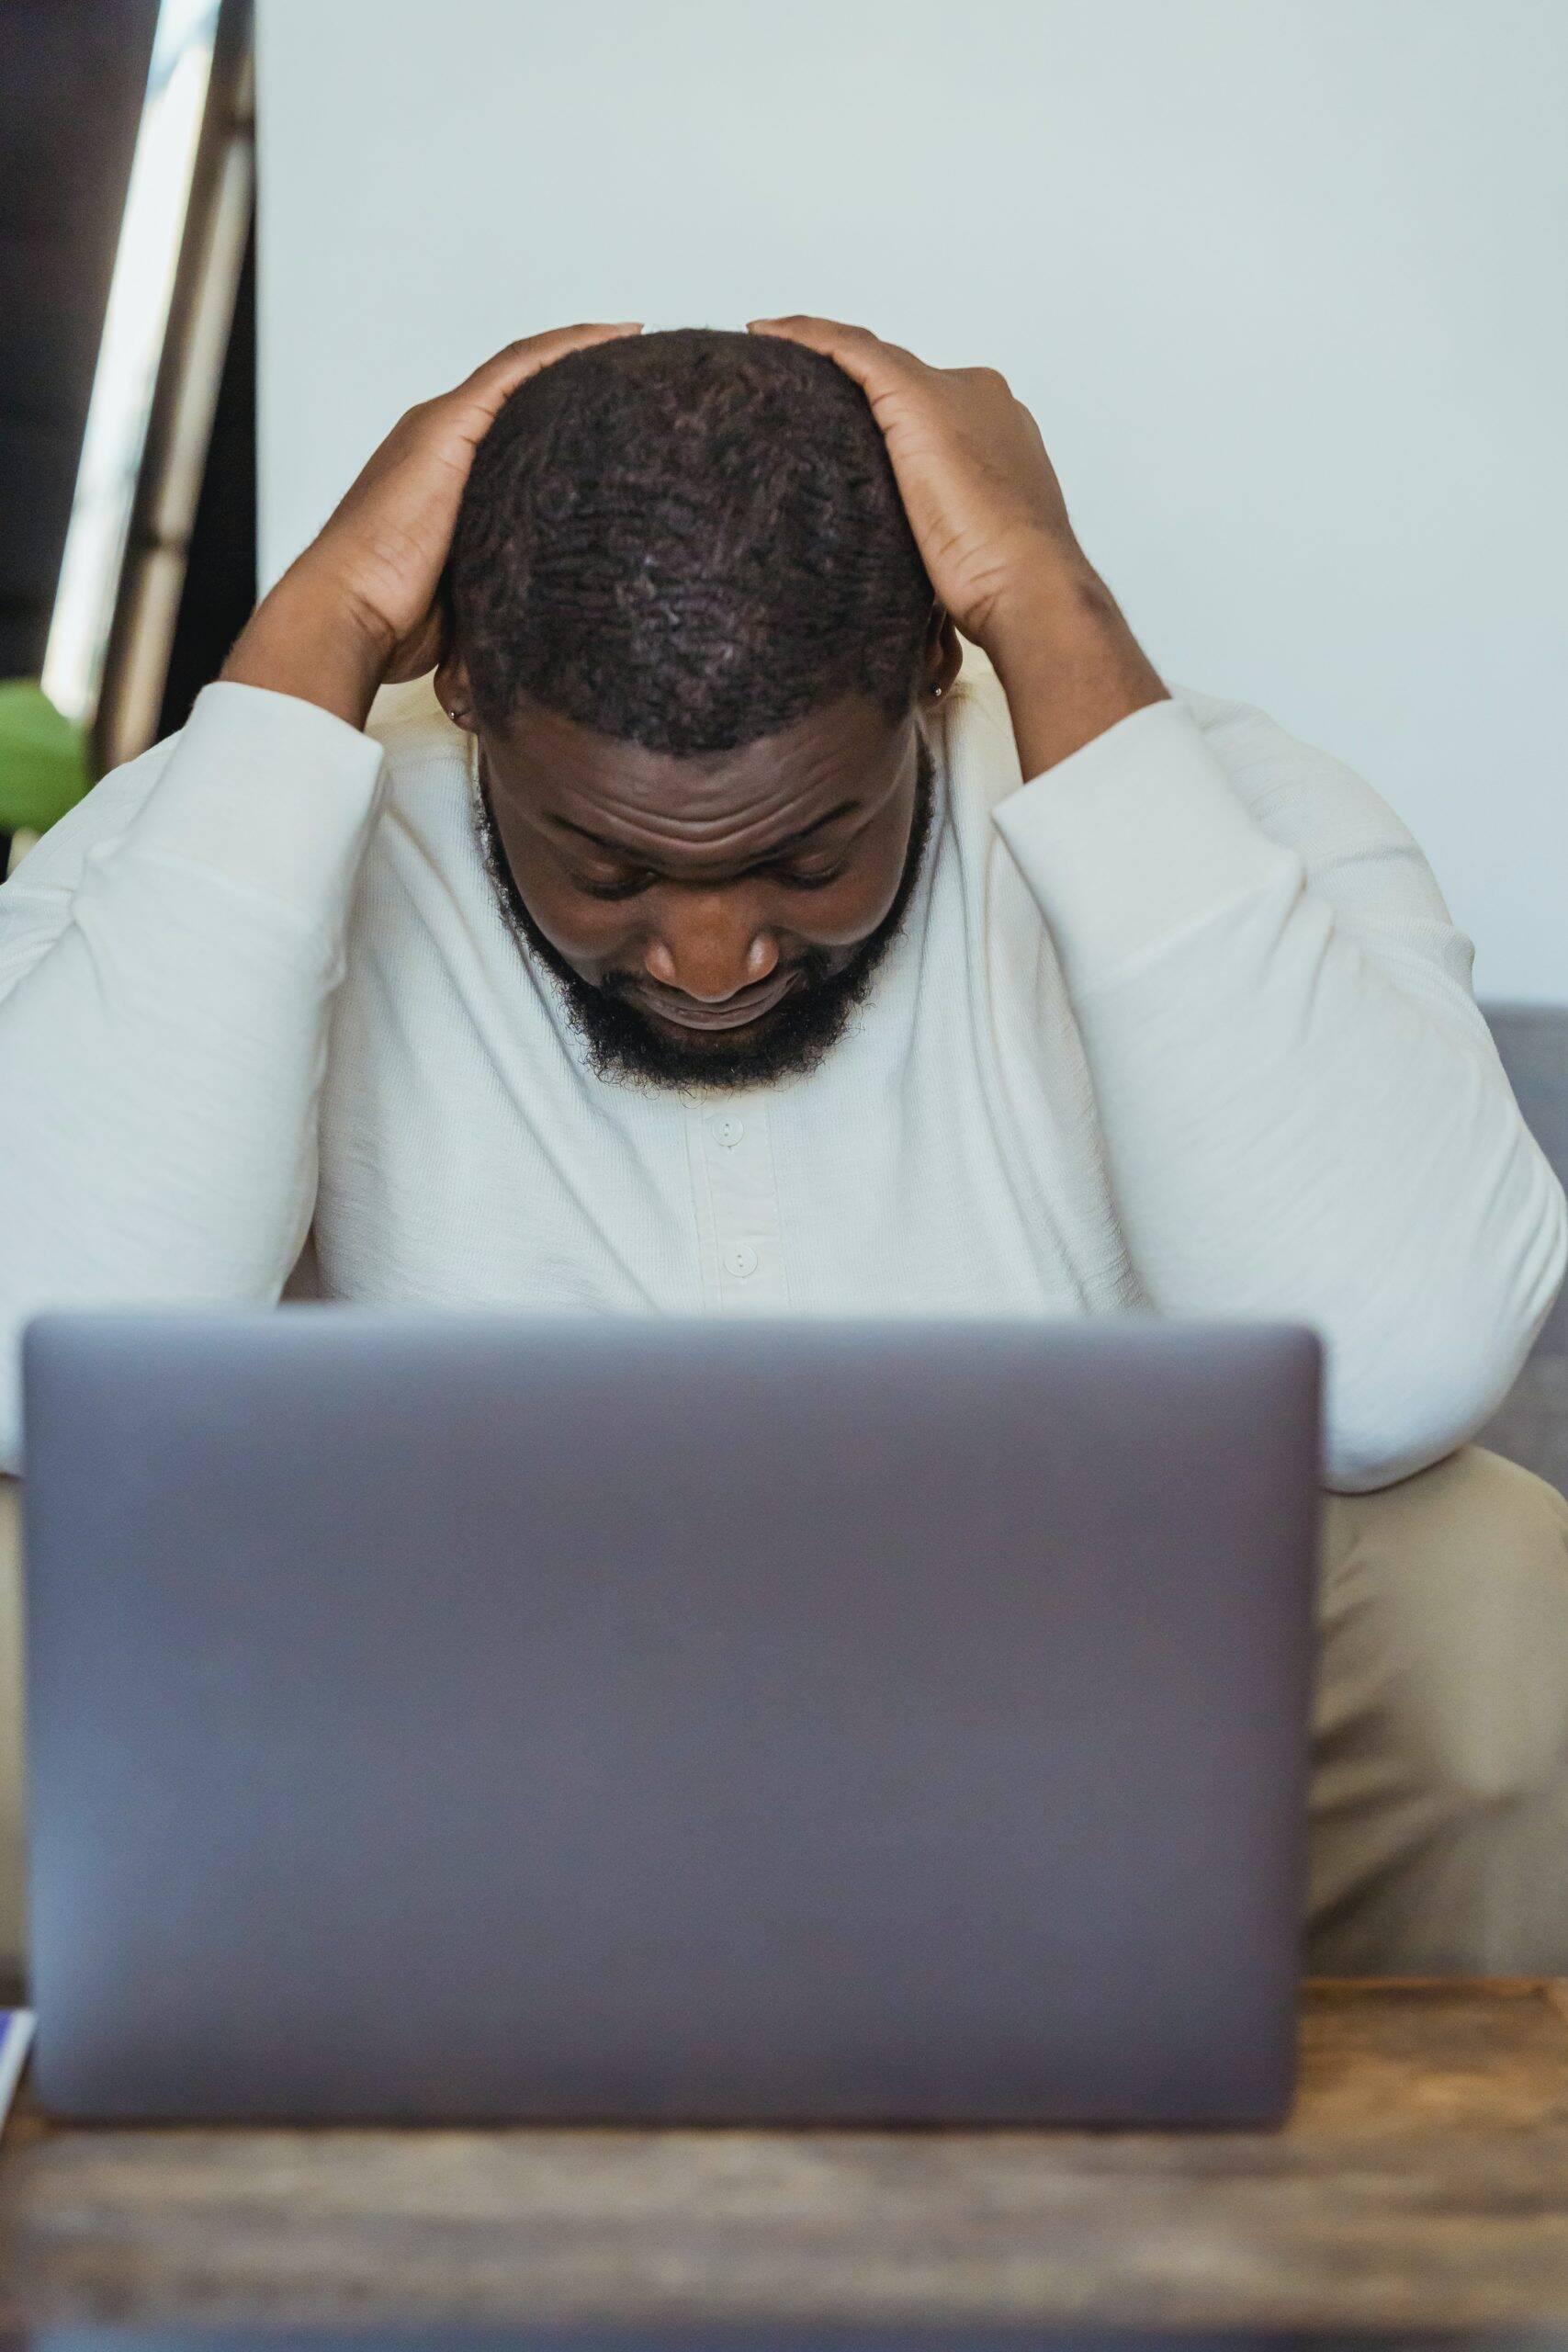 Cerca de 86,5% das 17.491 pessoas que participaram de um questionário online, tiveram o esse transtornou mental no último ano. (Foto: Pexels)